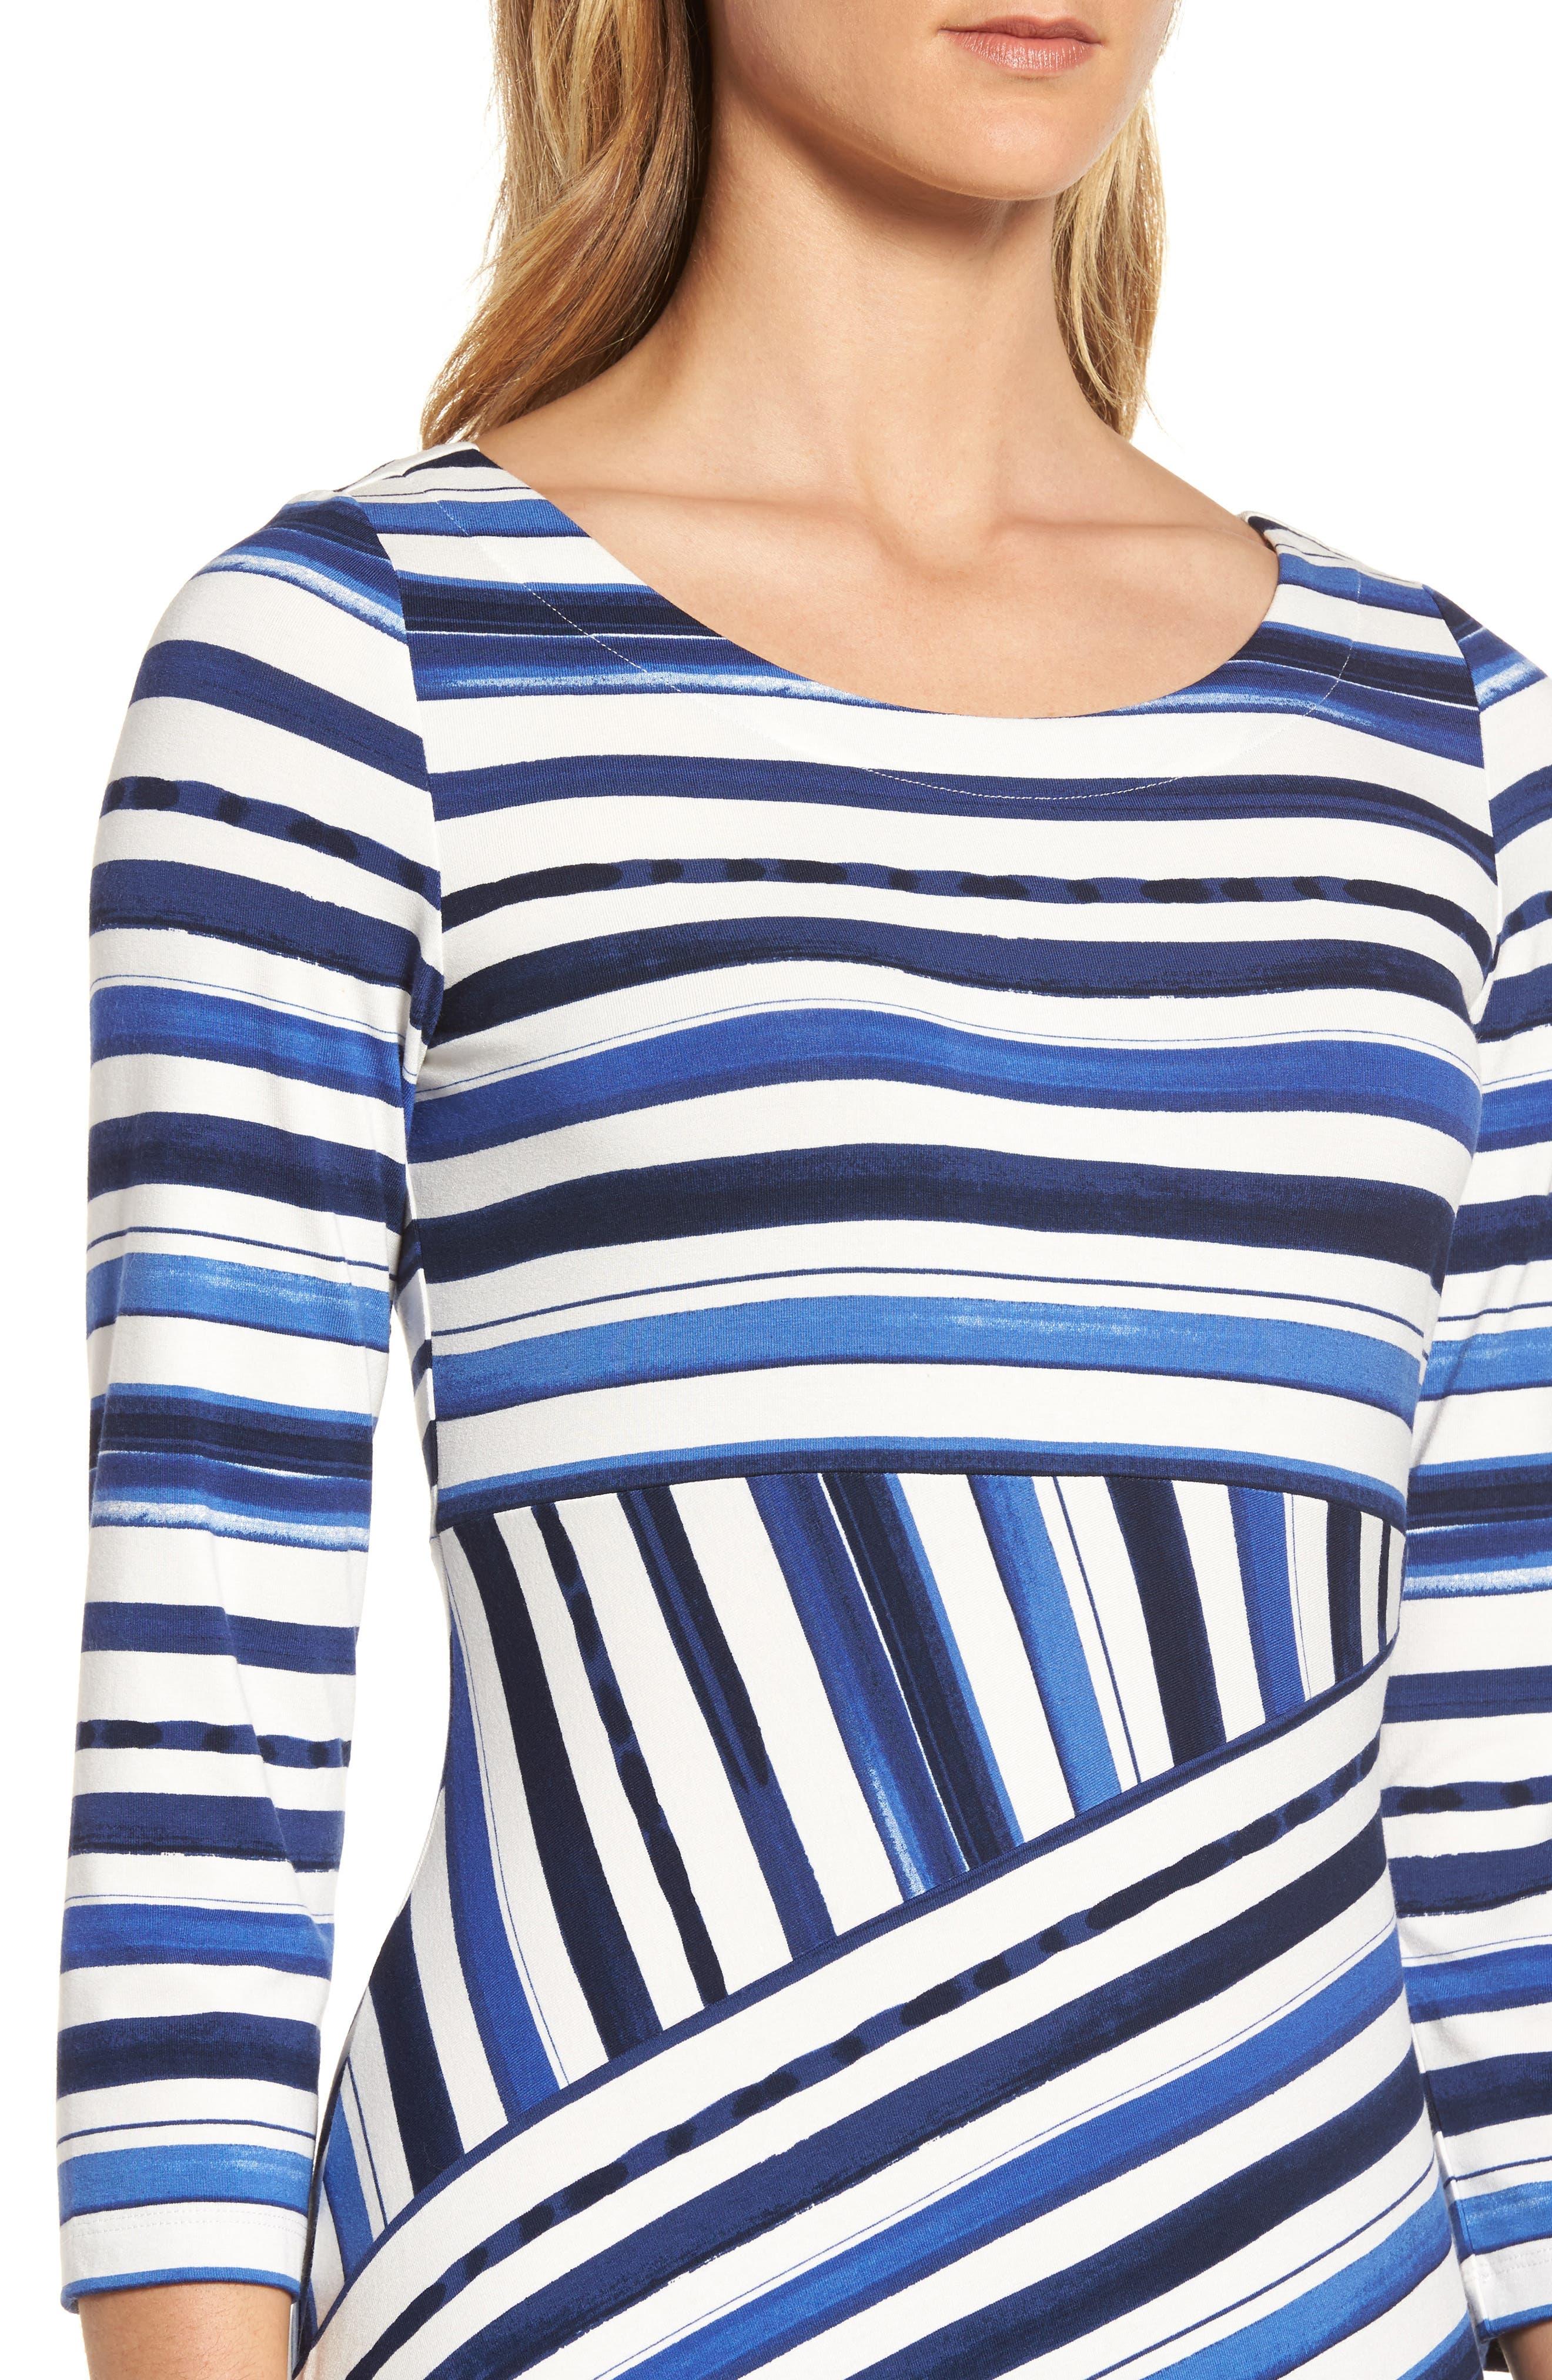 Aquarelle Stripe A-Line Dress,                             Alternate thumbnail 4, color,